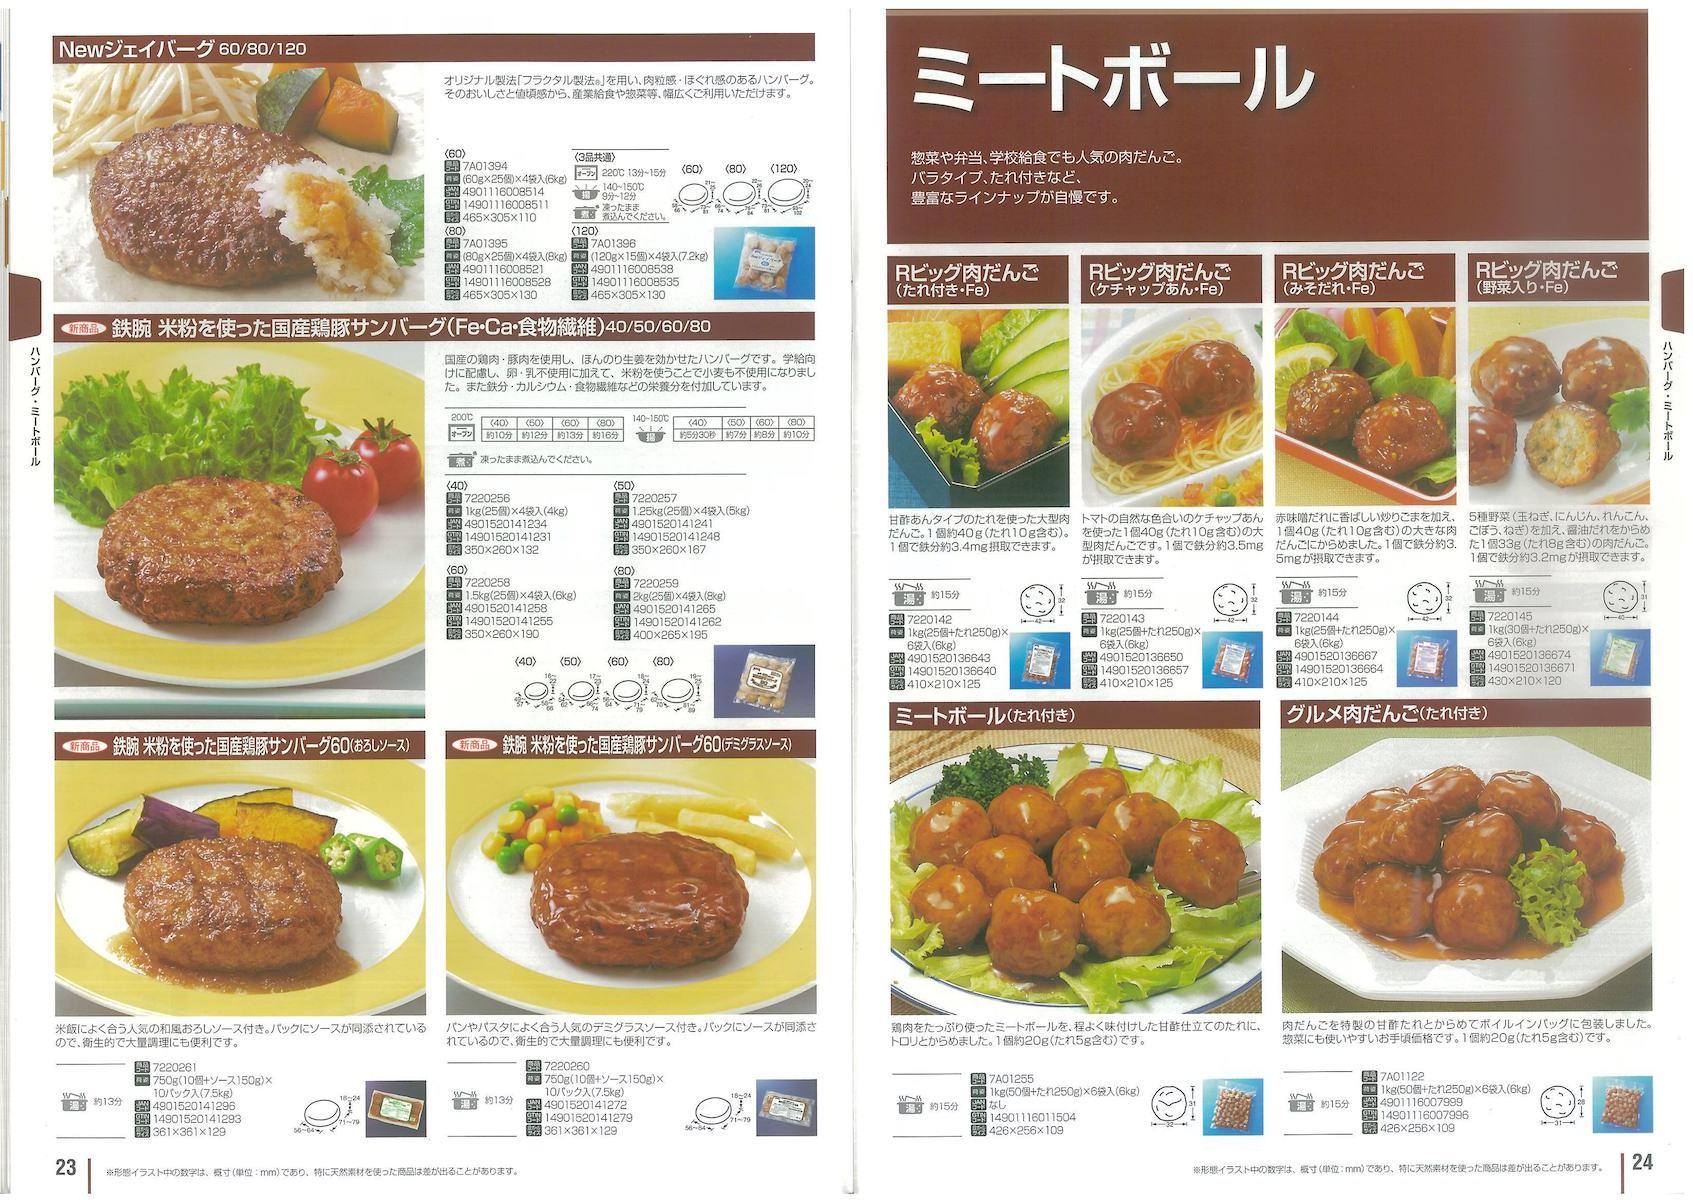 テーブルマーク Newジェイバーグ 鉄腕米粉を使った国産鶏豚サンバーグ(Fe・Ca・食物繊維) 鉄腕米粉を使った国産鶏豚サンバーグ60(おろしソース) 鉄腕米粉を使った国産鶏豚サンバーグ60(デミグラスソース) ミートボール Rビッグ肉だんご(たれ付き・Fe) Rビッグ肉だんご(ケチャップあん・Fe) Rビッグ肉だんご(みそだれ・Fe) Rビッグ肉だんご(みそだれ・Fe) Rビッグ肉だんご(野菜入り・Fe) ミートボール(たれ付き) グルメ肉だんご(たれ付き)